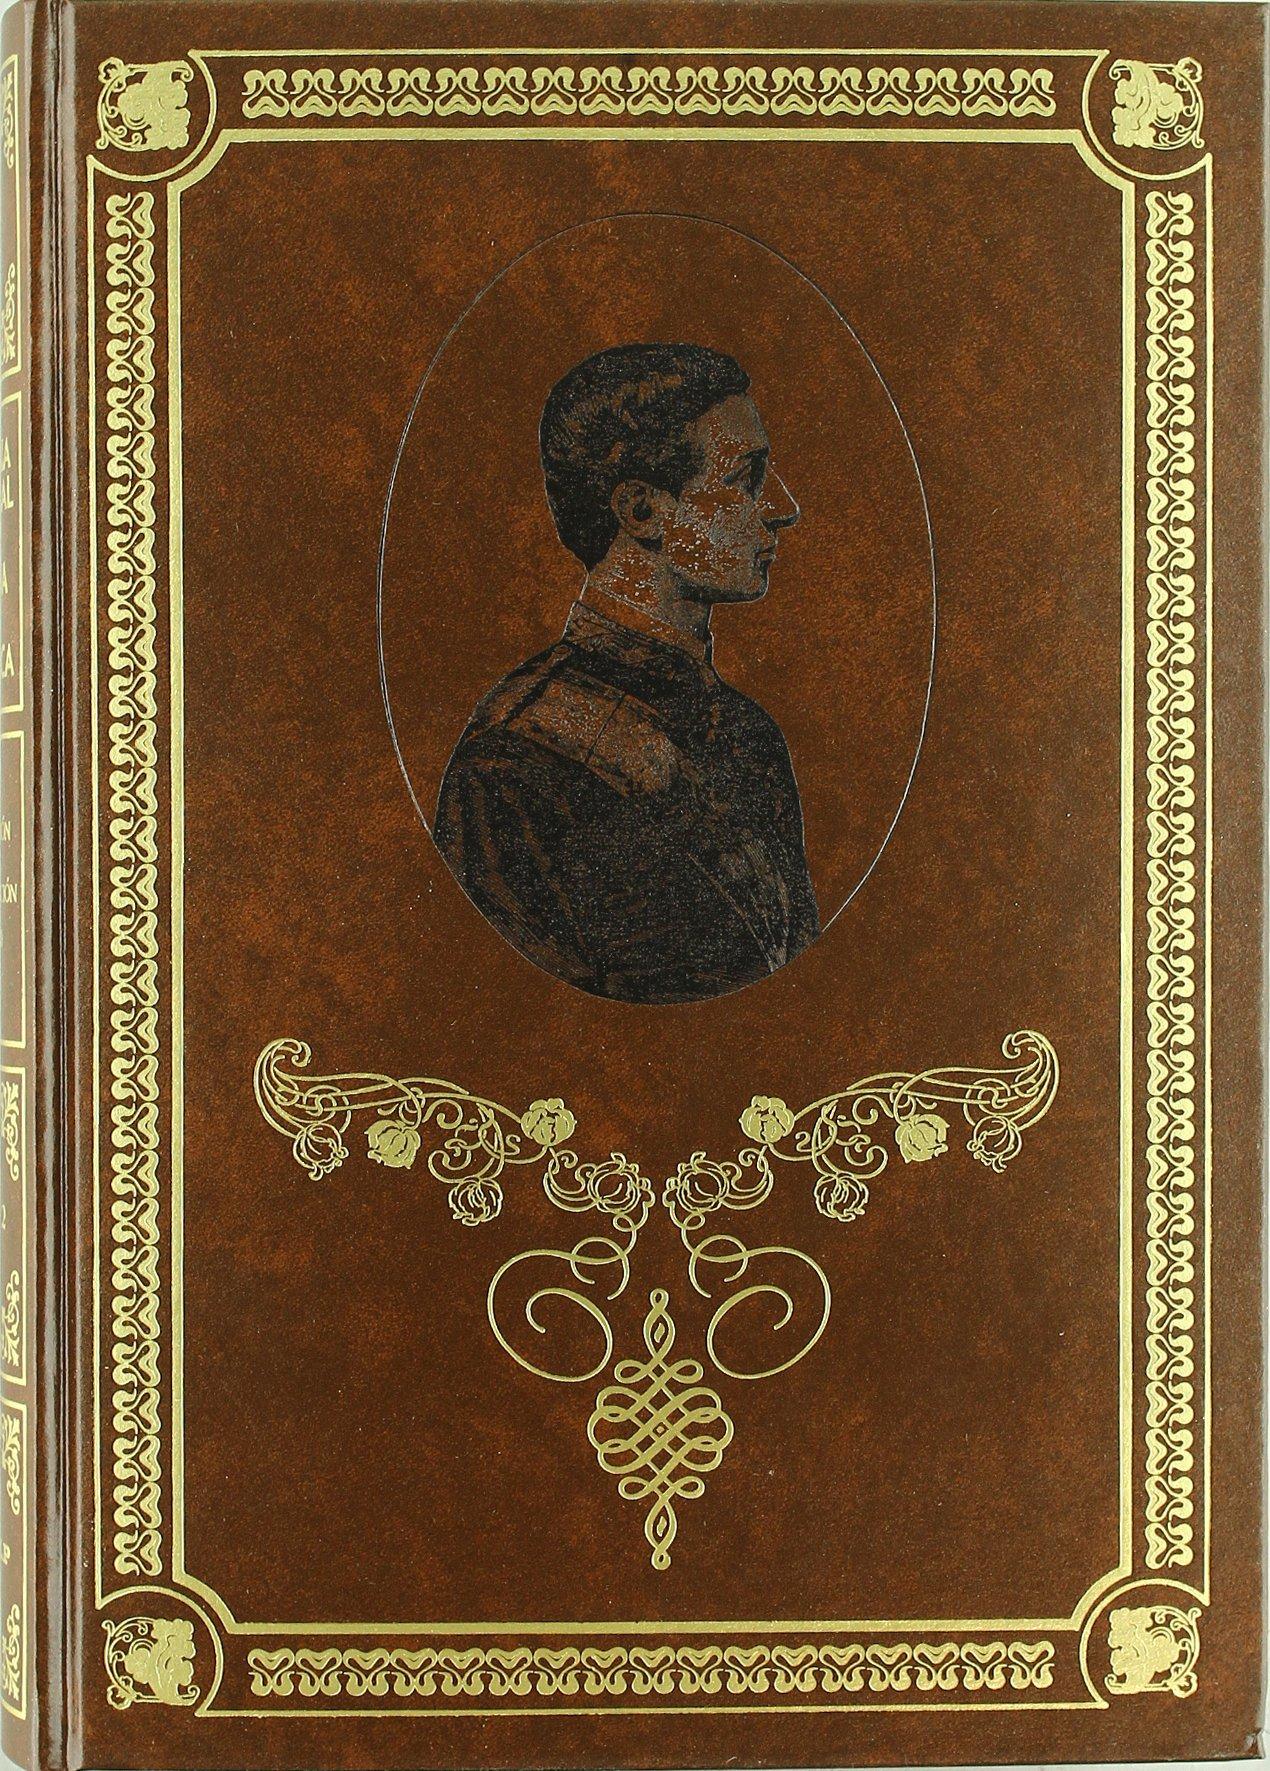 Revolución y restauración 1868-1931 . Tomo XVI-2 Hª General de España y América: Amazon.es: Jose Andres (Coord.) Gallego: Libros